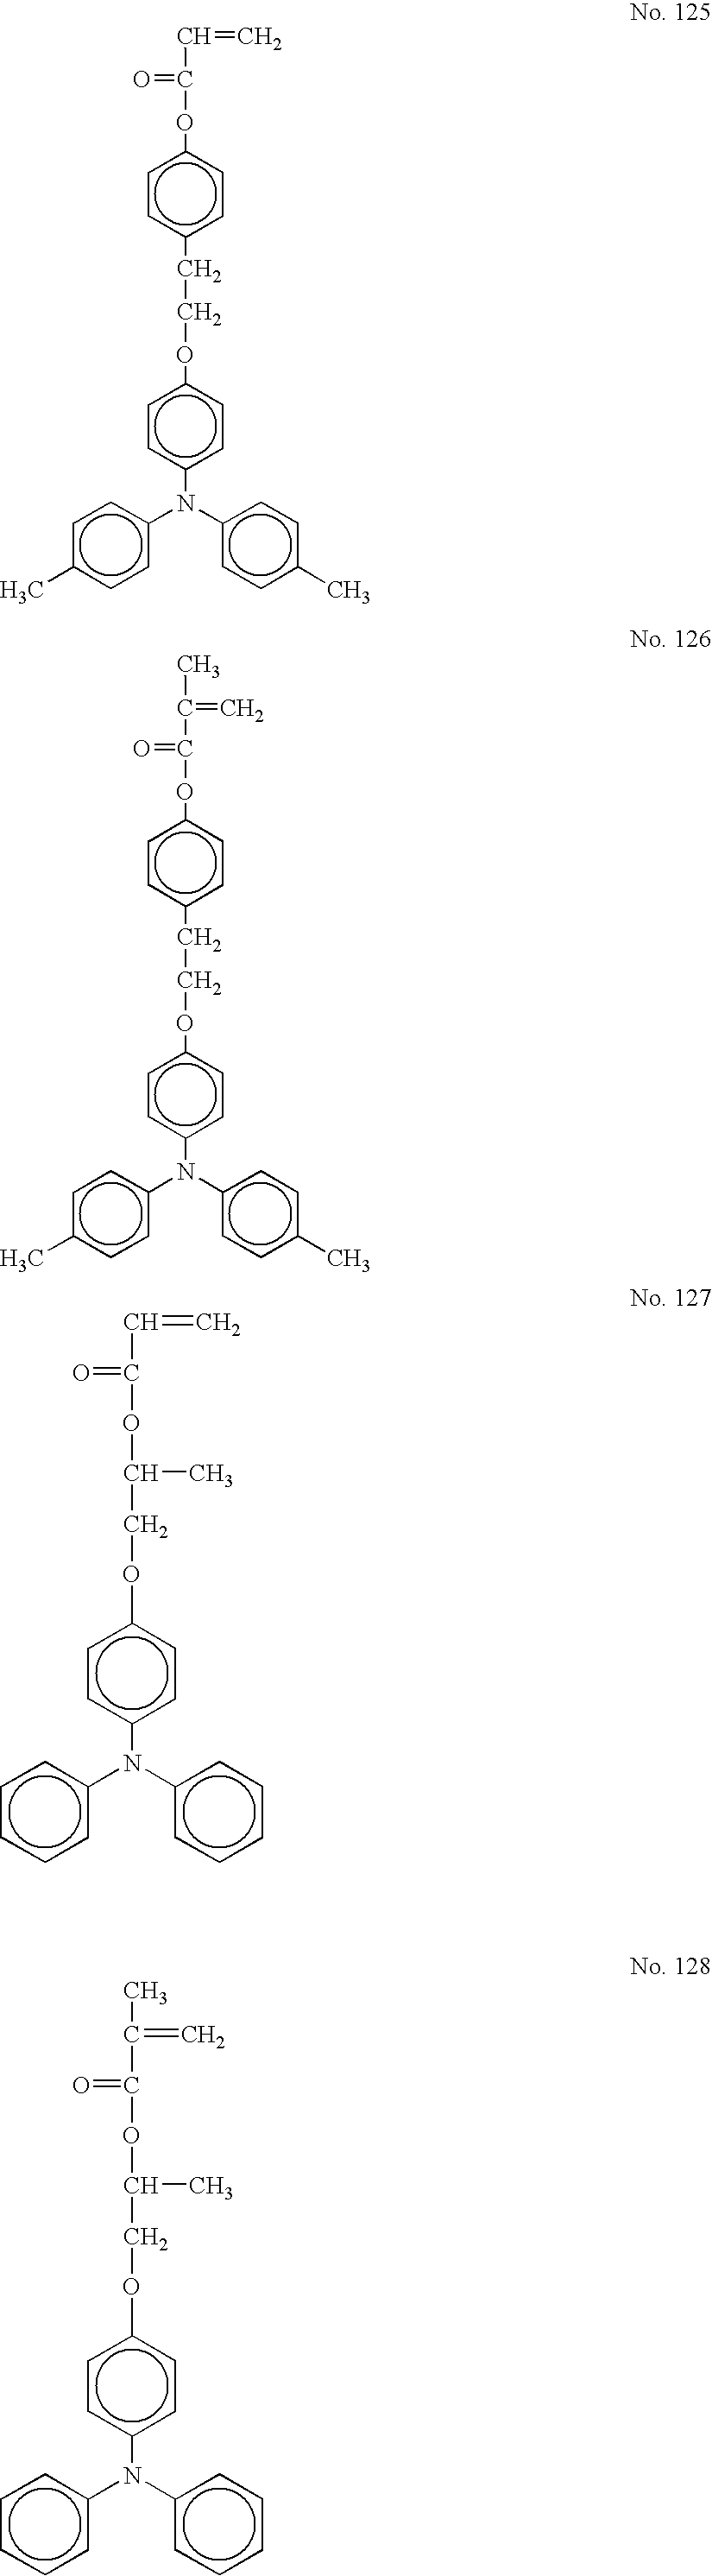 Figure US20070059619A1-20070315-C00042